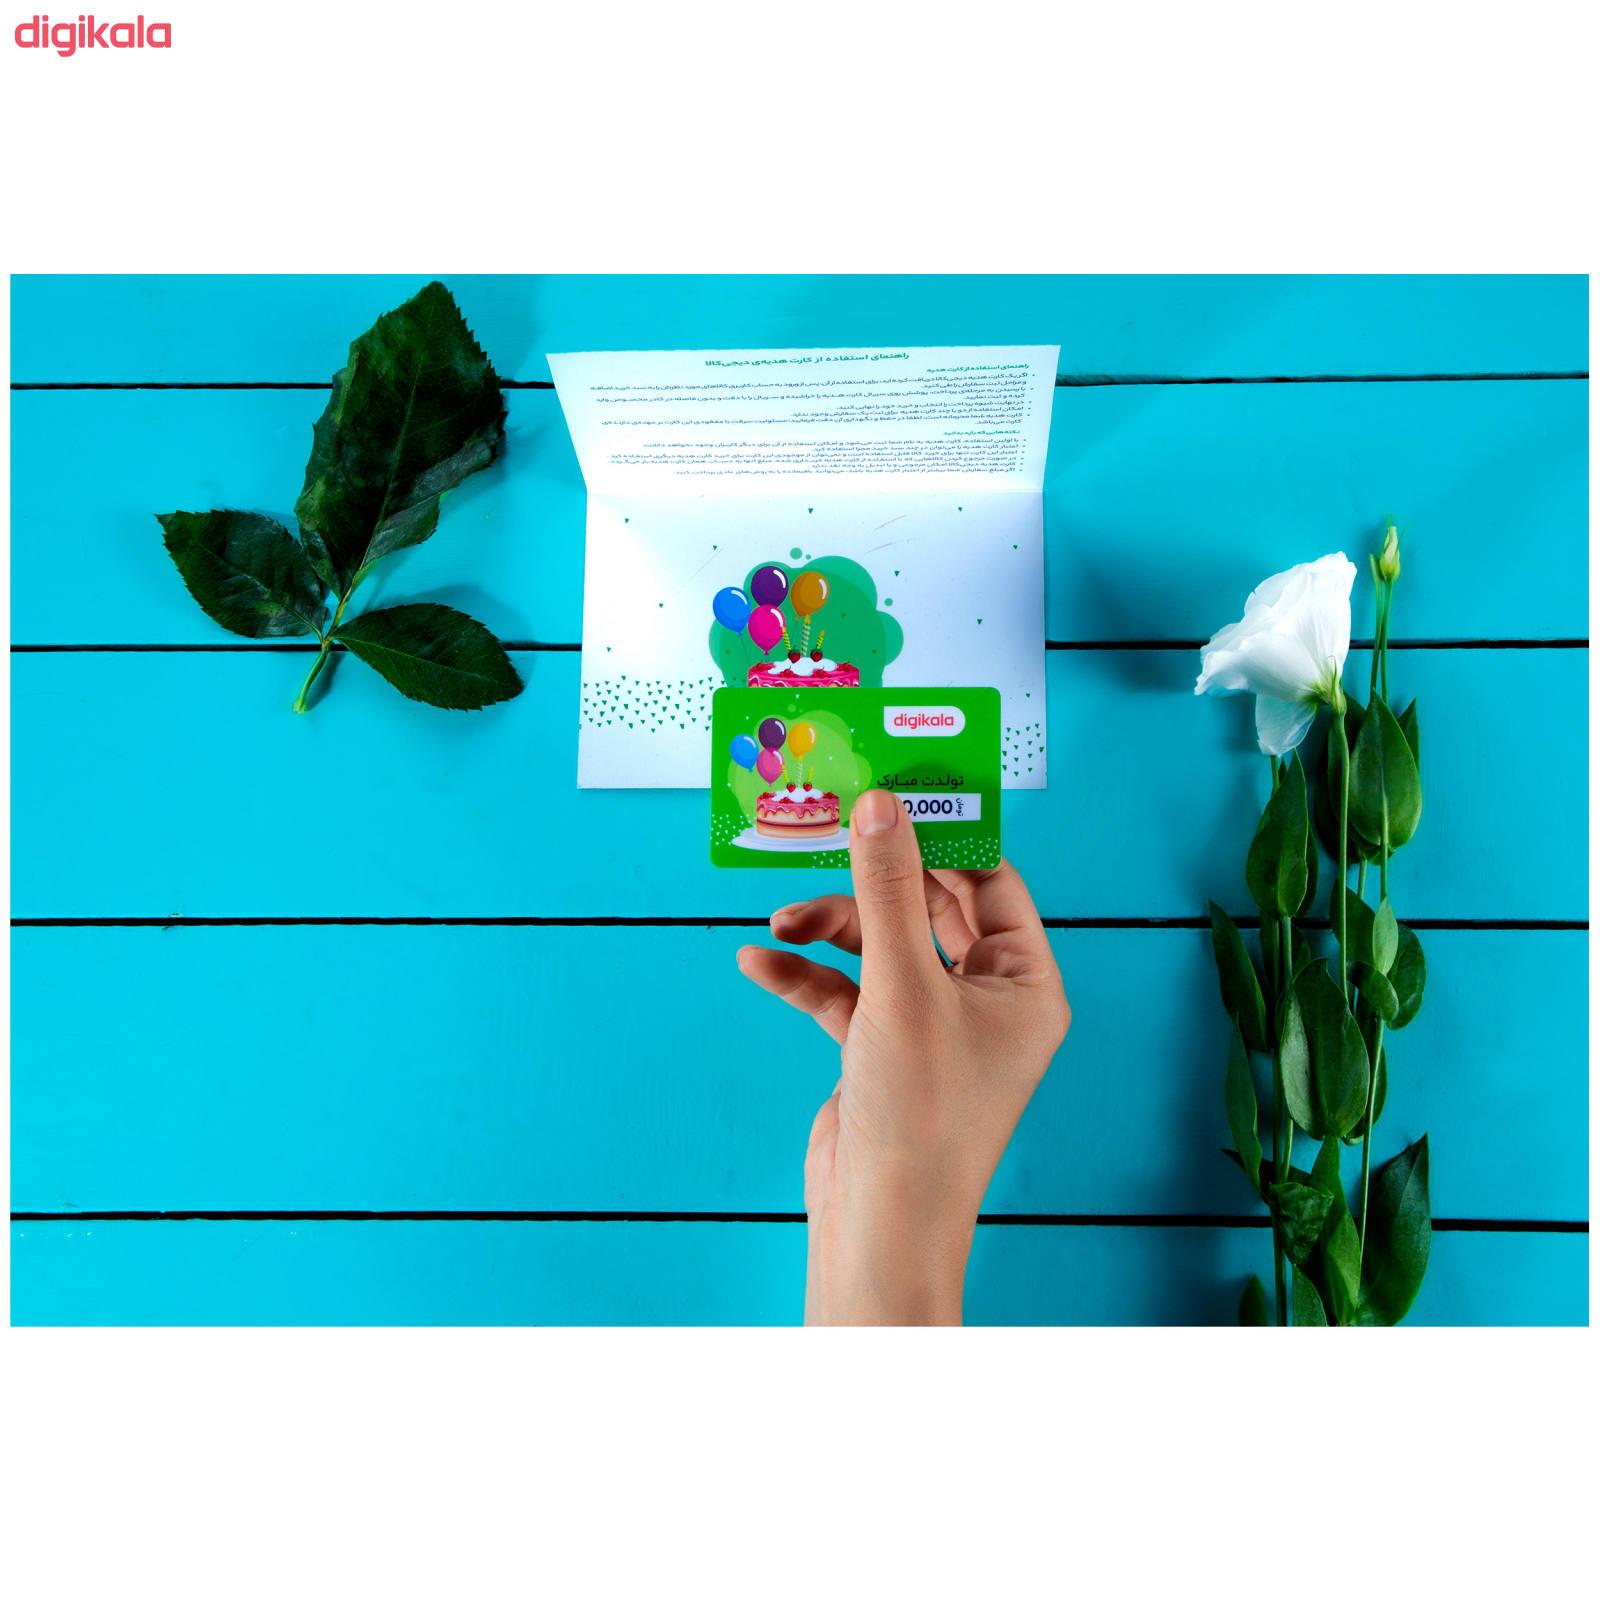 کارت هدیه دیجی کالا به ارزش 300,000 تومان طرح تولد main 1 3